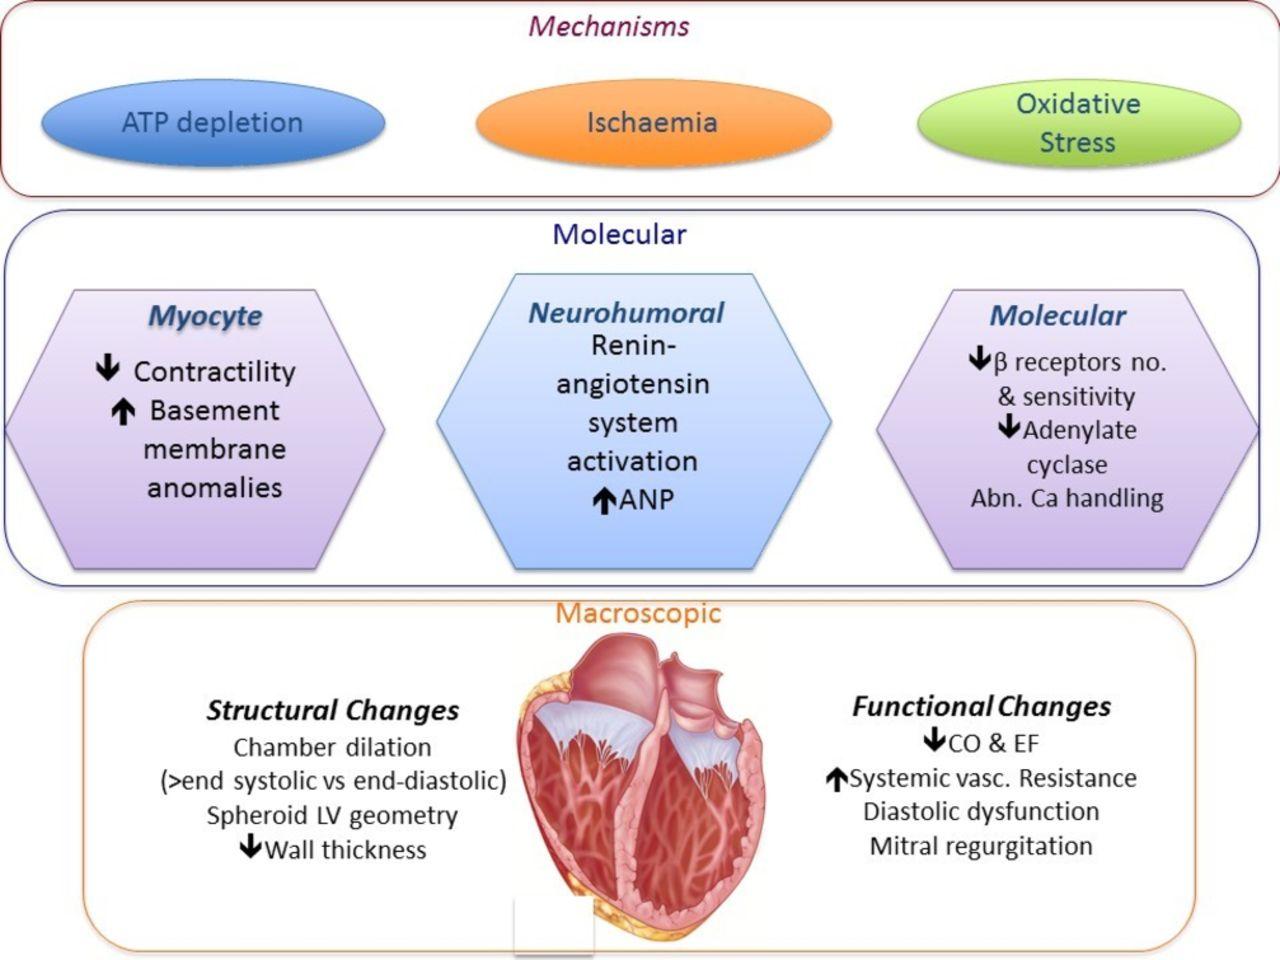 Pathophysiology, diagnosis and treatment of tachycardiomyopathy | Heart